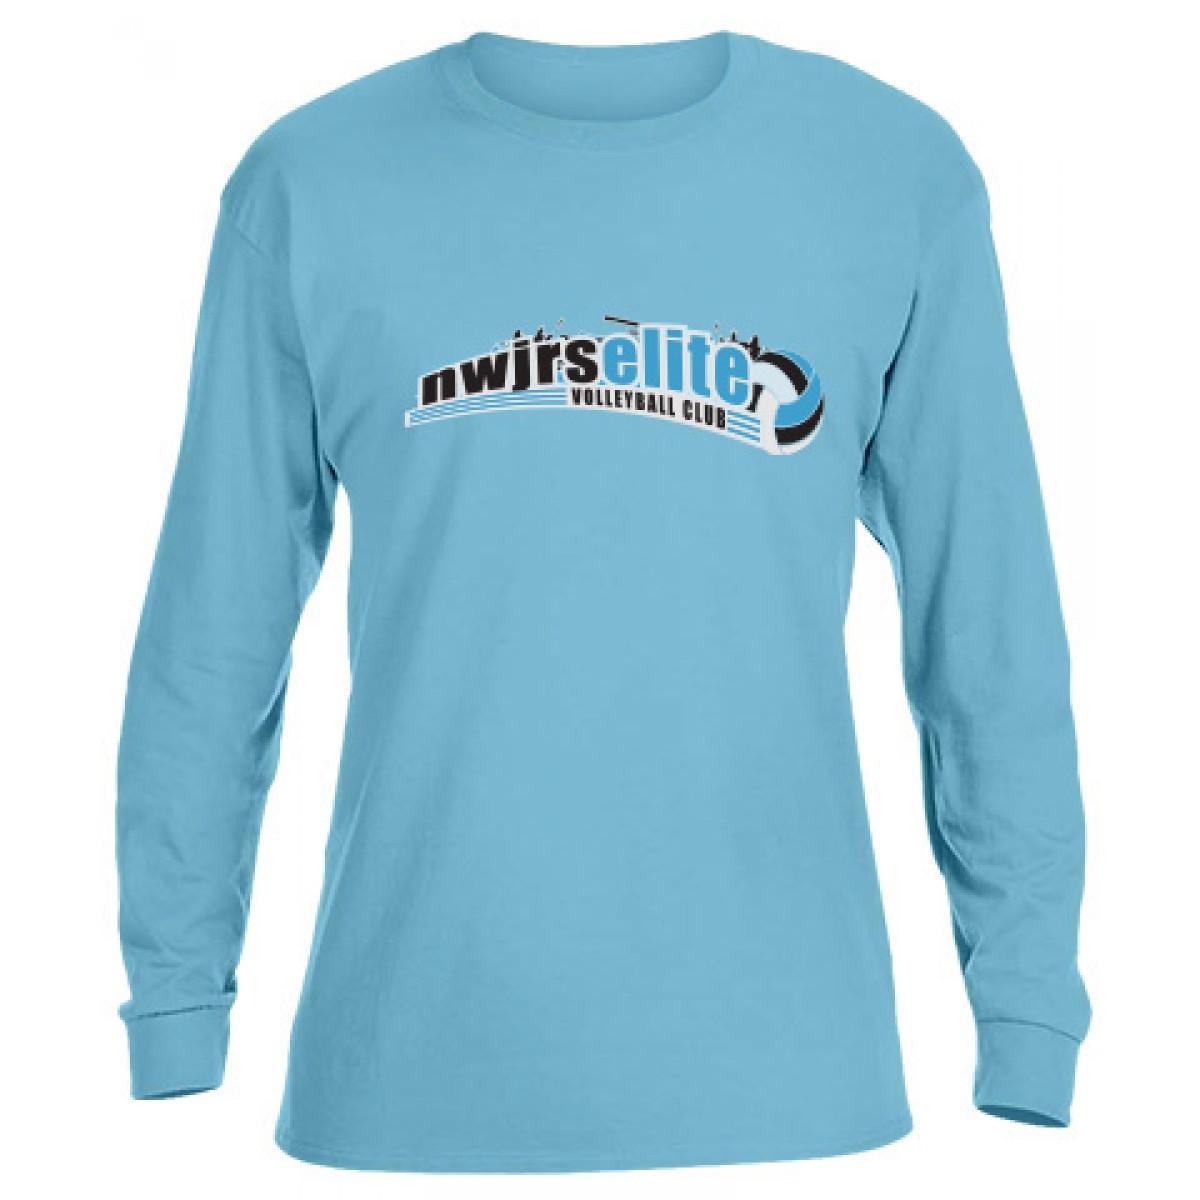 Northwest Volleyball Foundation Scholarship Program-Sky Blue-YS